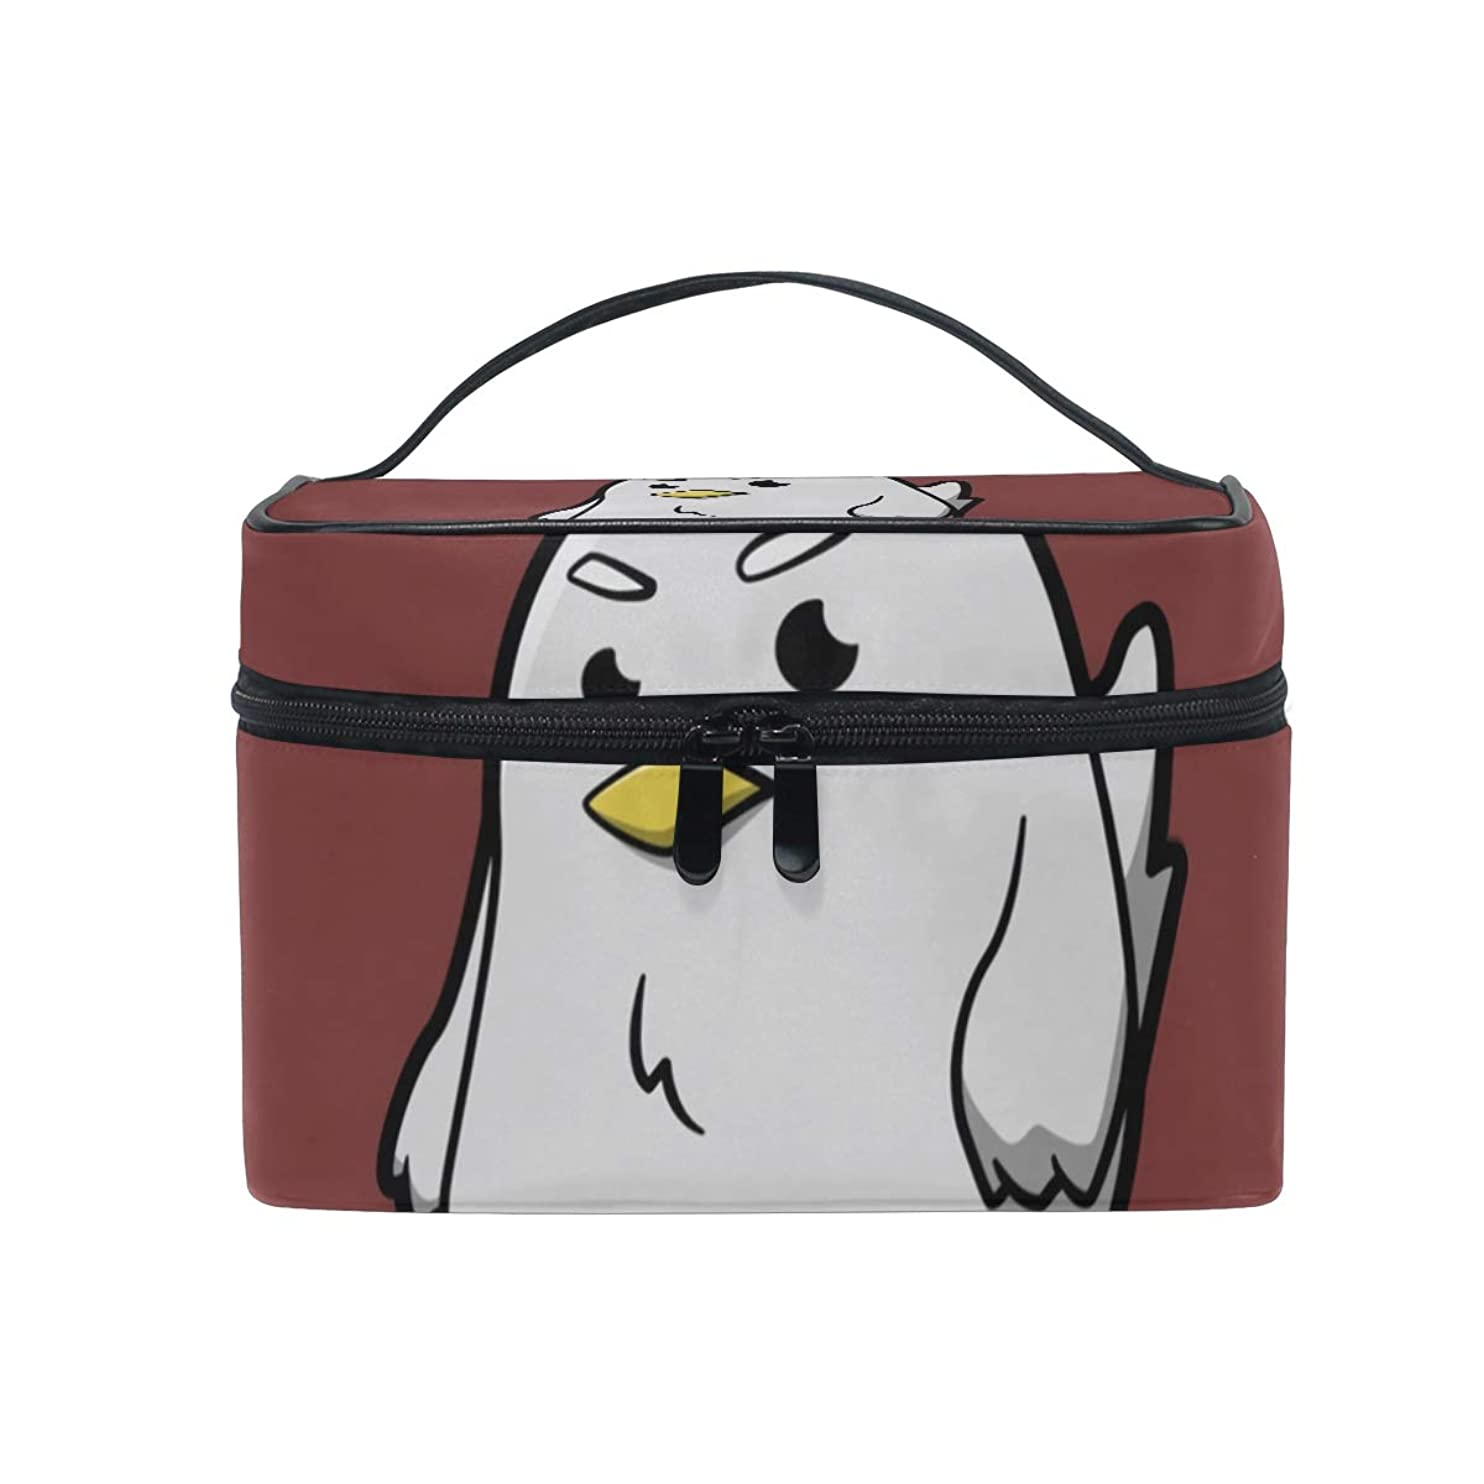 ハント優先むちゃくちゃメイクボックス 鶏柄 ひよこ柄柄 化粧ポーチ 化粧品 化粧道具 小物入れ メイクブラシバッグ 大容量 旅行用 収納ケース